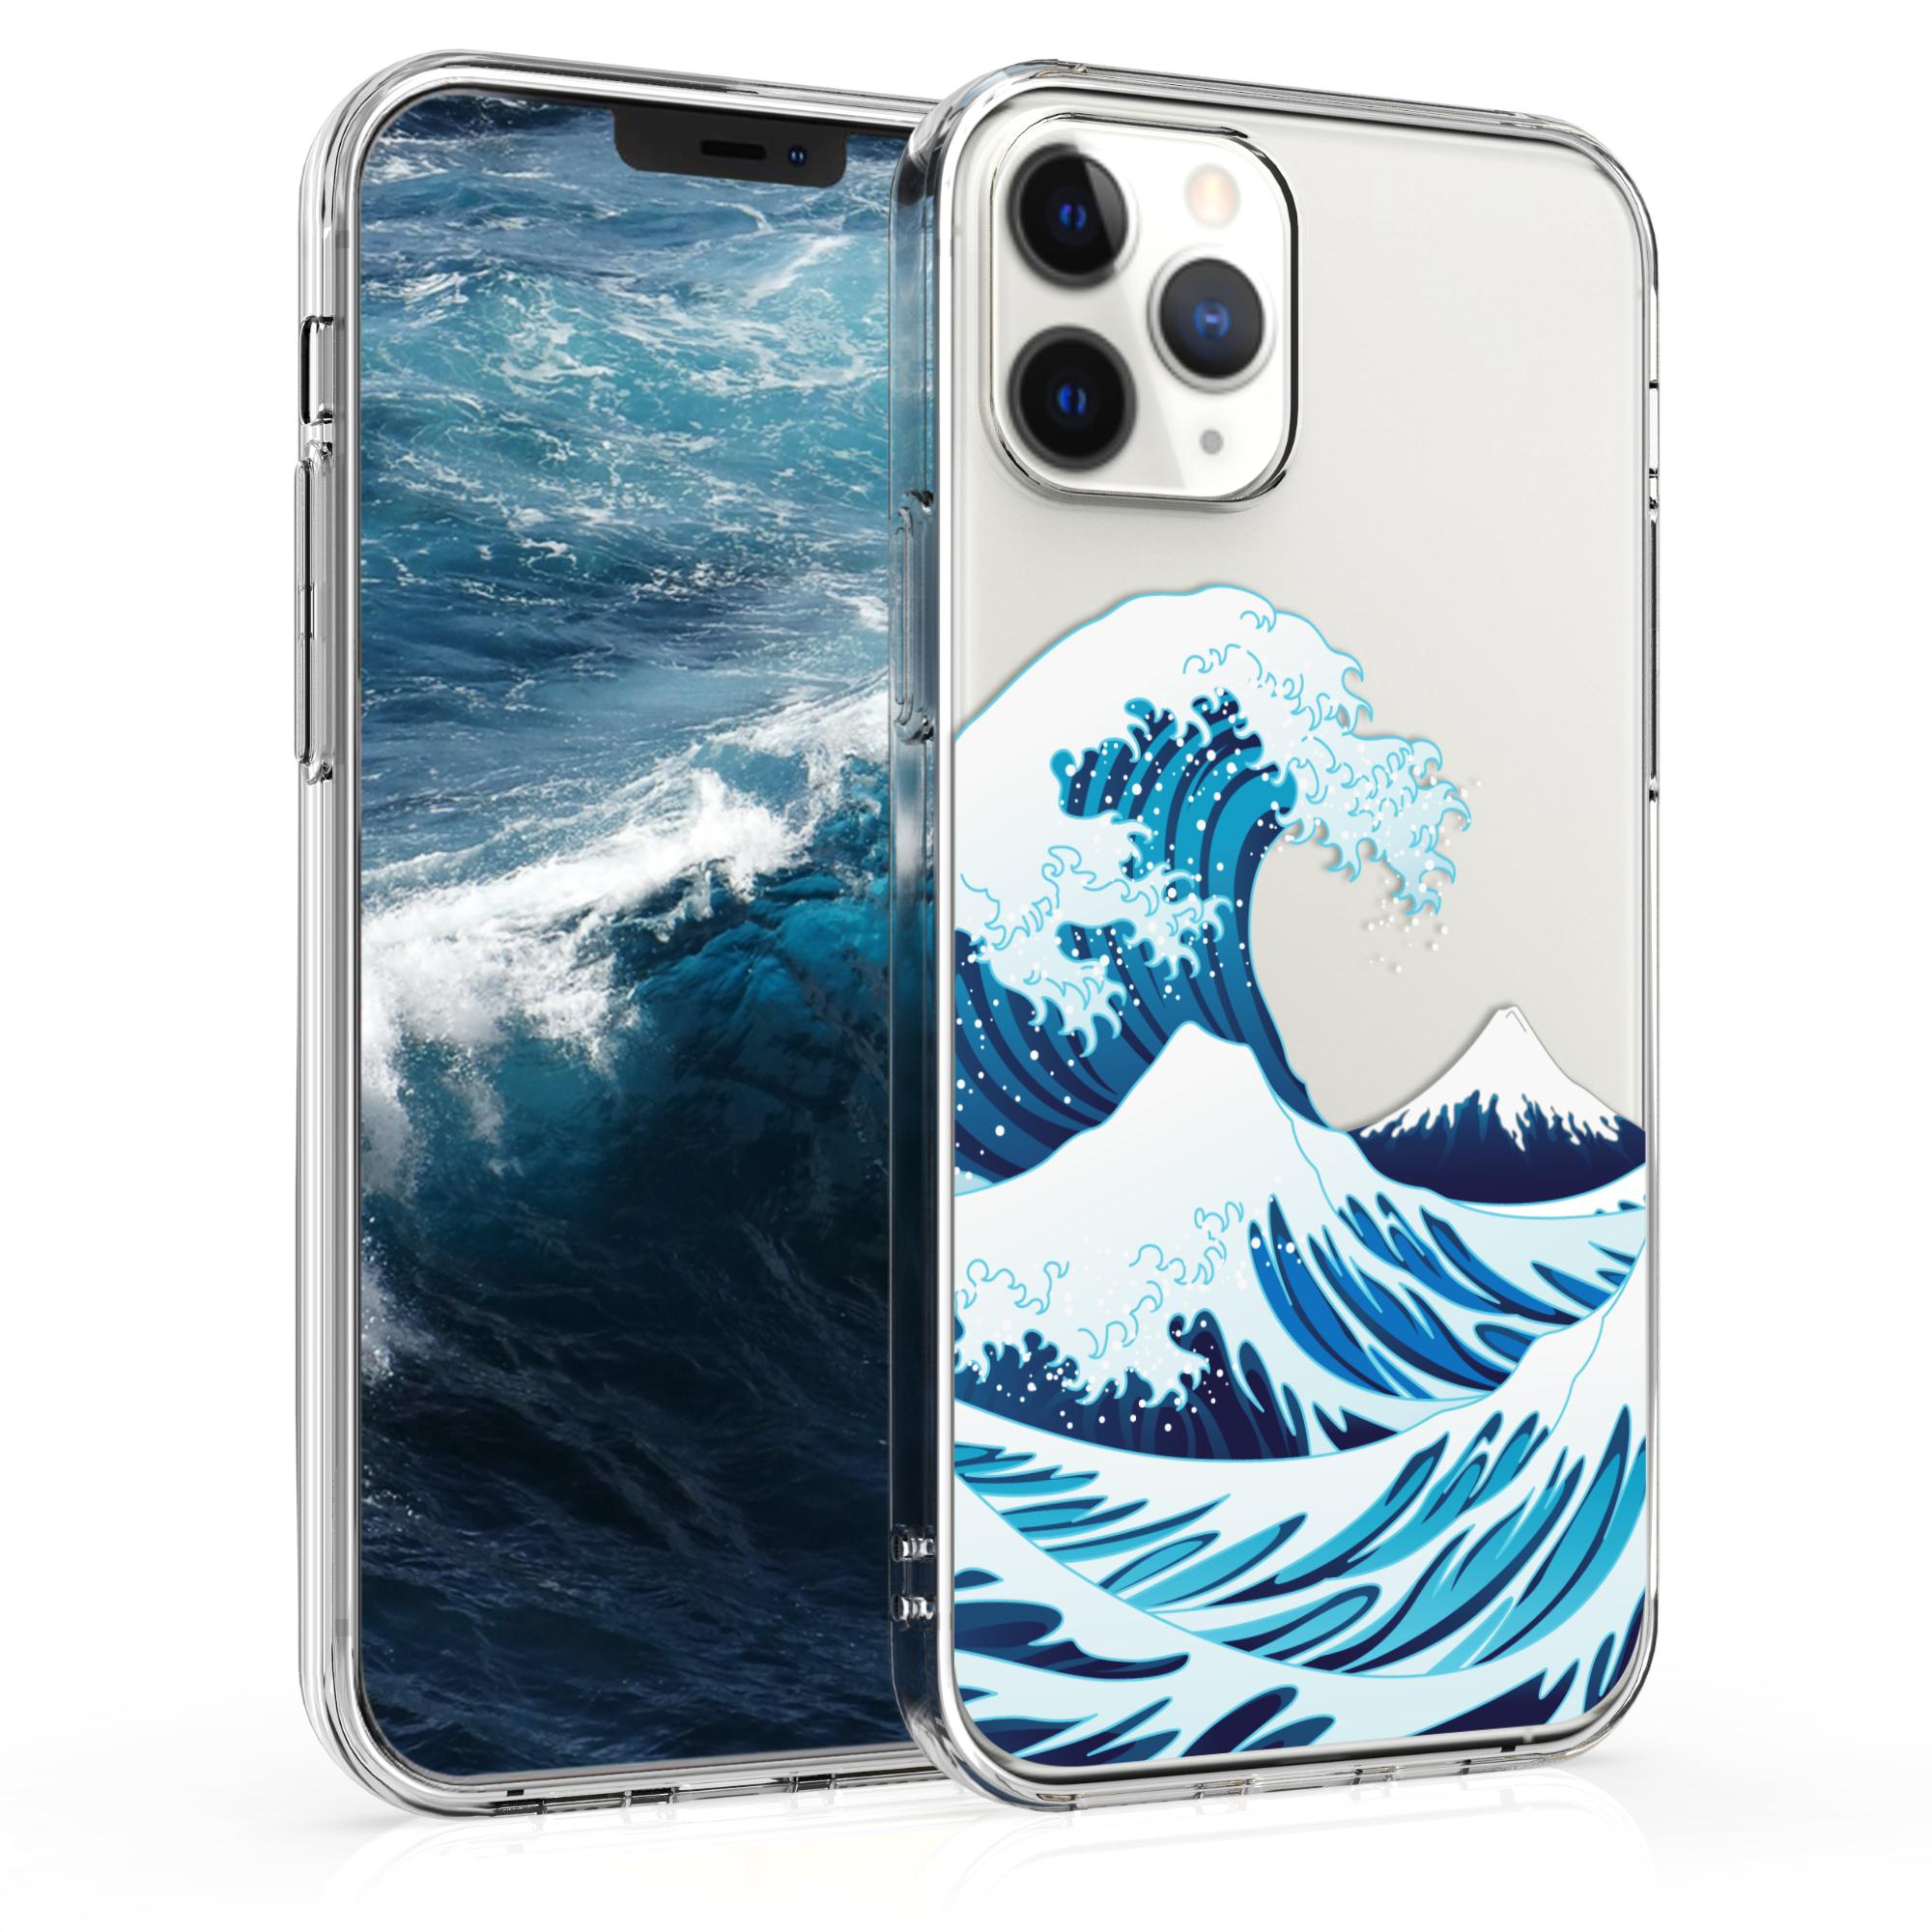 Kvalitní silikonové TPU pouzdro pro Apple iPhone 12 / 12 Pro - Japenese Wave Modrá | Bílá | Průhledná